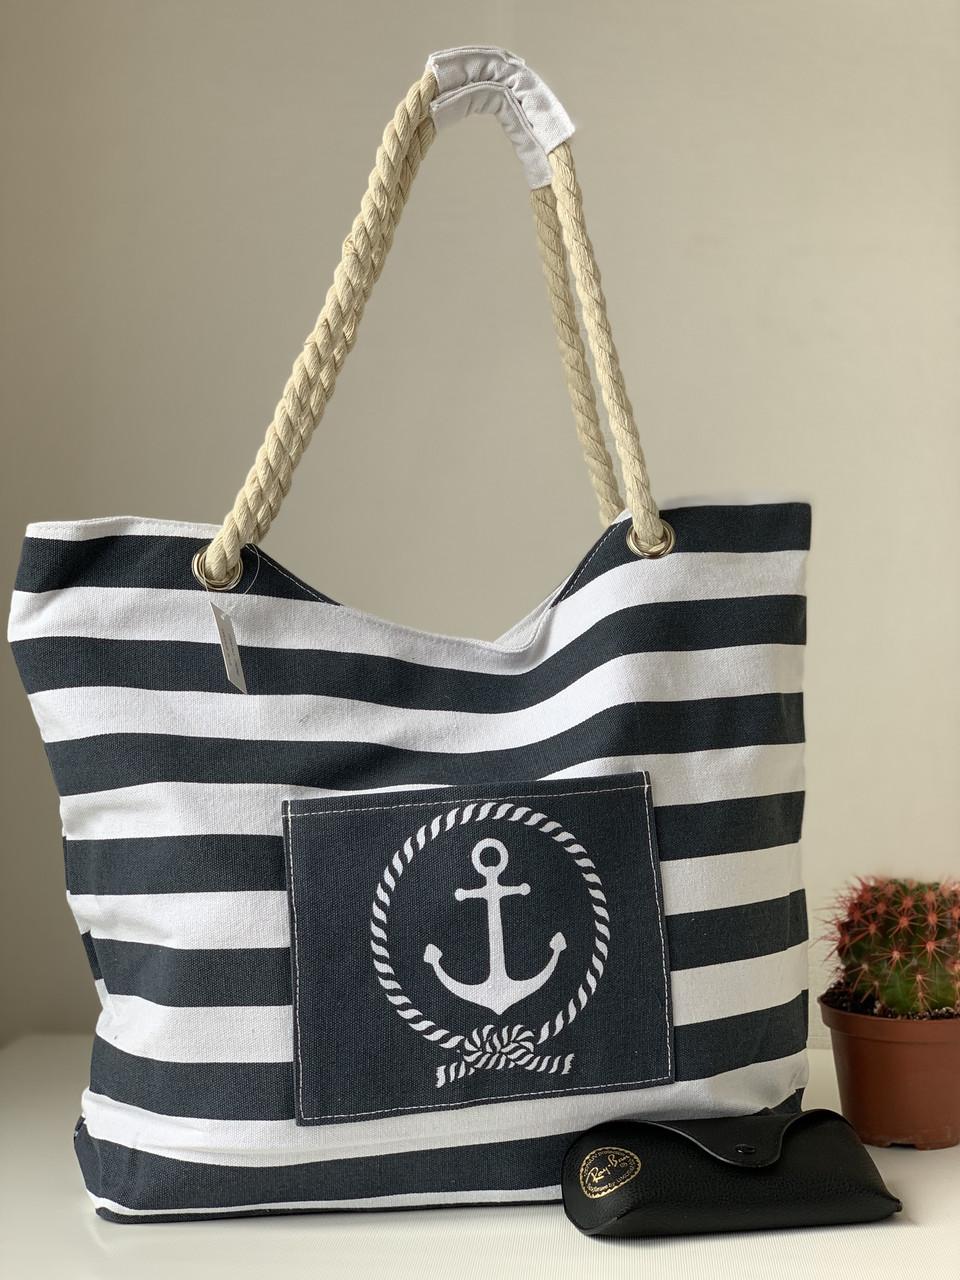 Лляна пляжна сумка в смужку чорно-білу